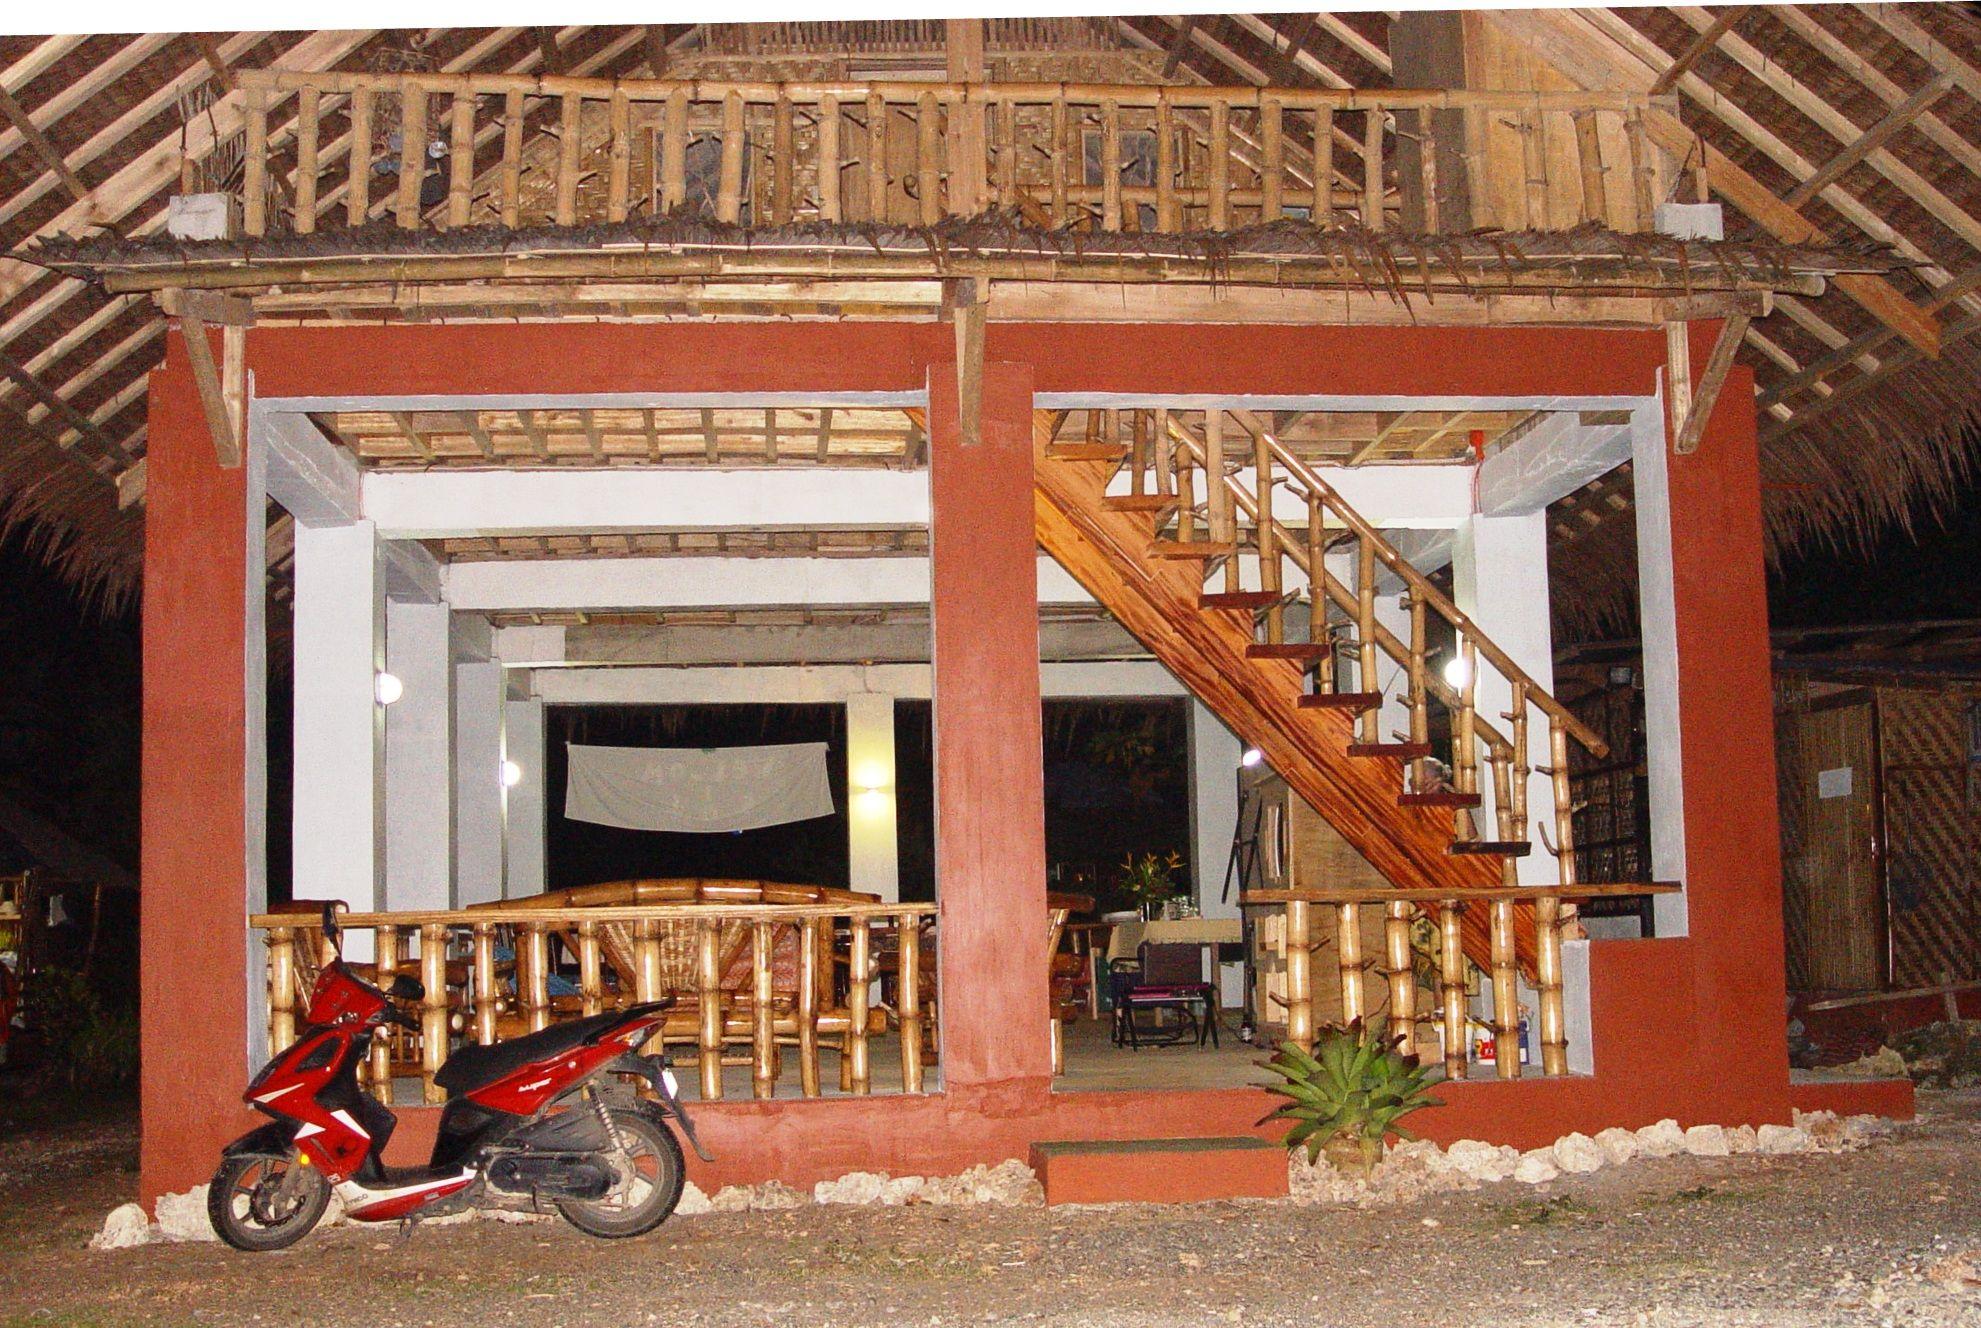 The Spice Hut Bahay Kubo Restaurant Samal Samal Bahay